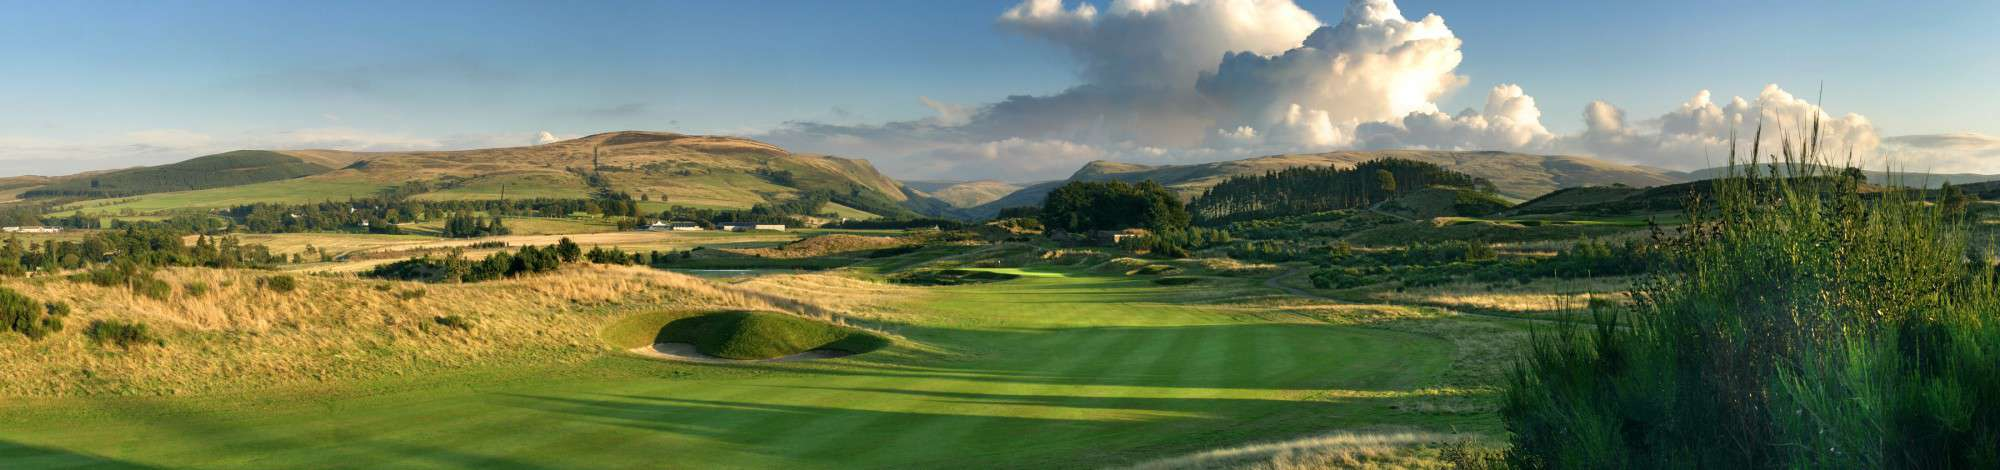 Golfplatz PGA